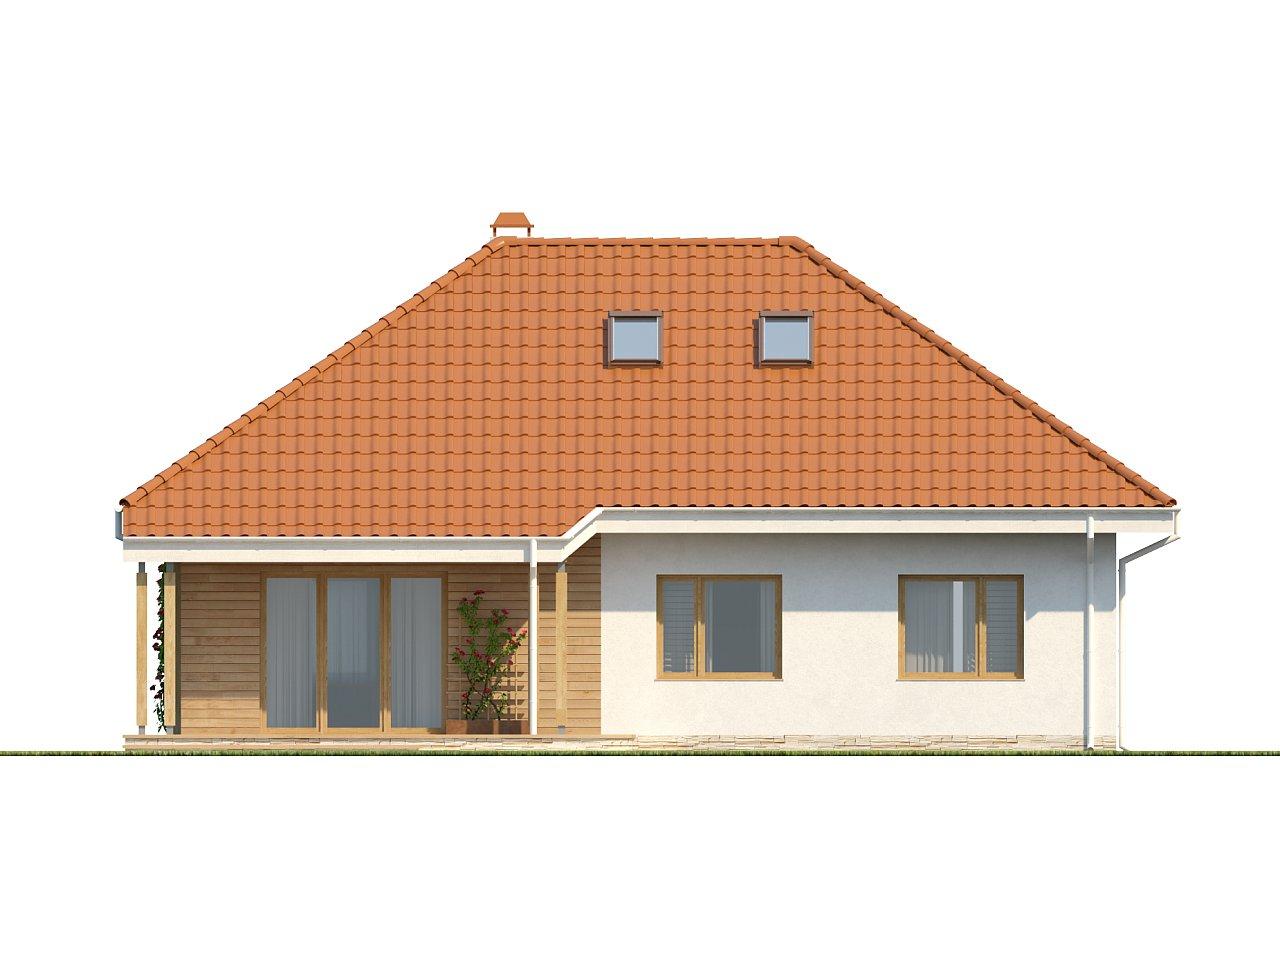 Одноэтажный дом в традиционном стиле с возможностью обустройства чердачного помещения. - фото 5